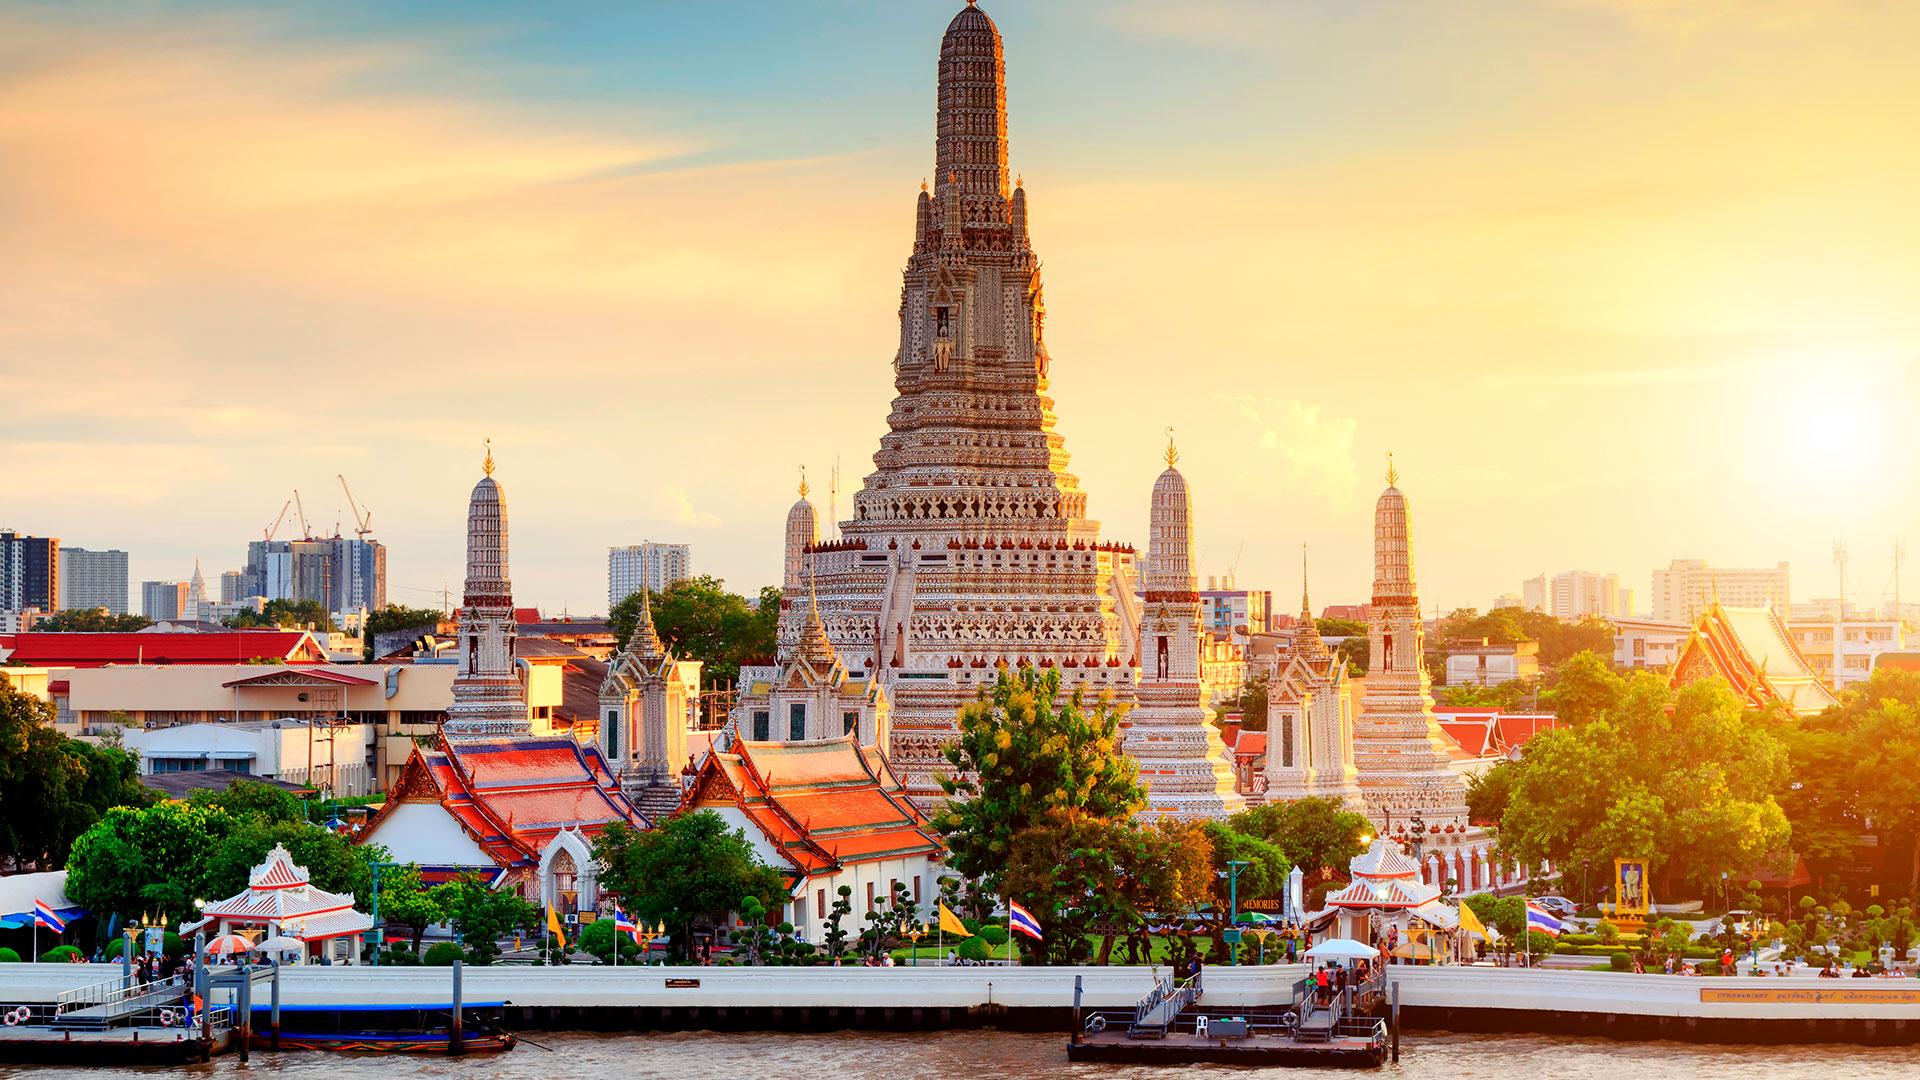 Comida de clase mundial, impresionantes monumentos históricos y la mejor hospitalidad del mundo. ¿Pero qué más hace queBangkok sea tan única? (Shutterstock)